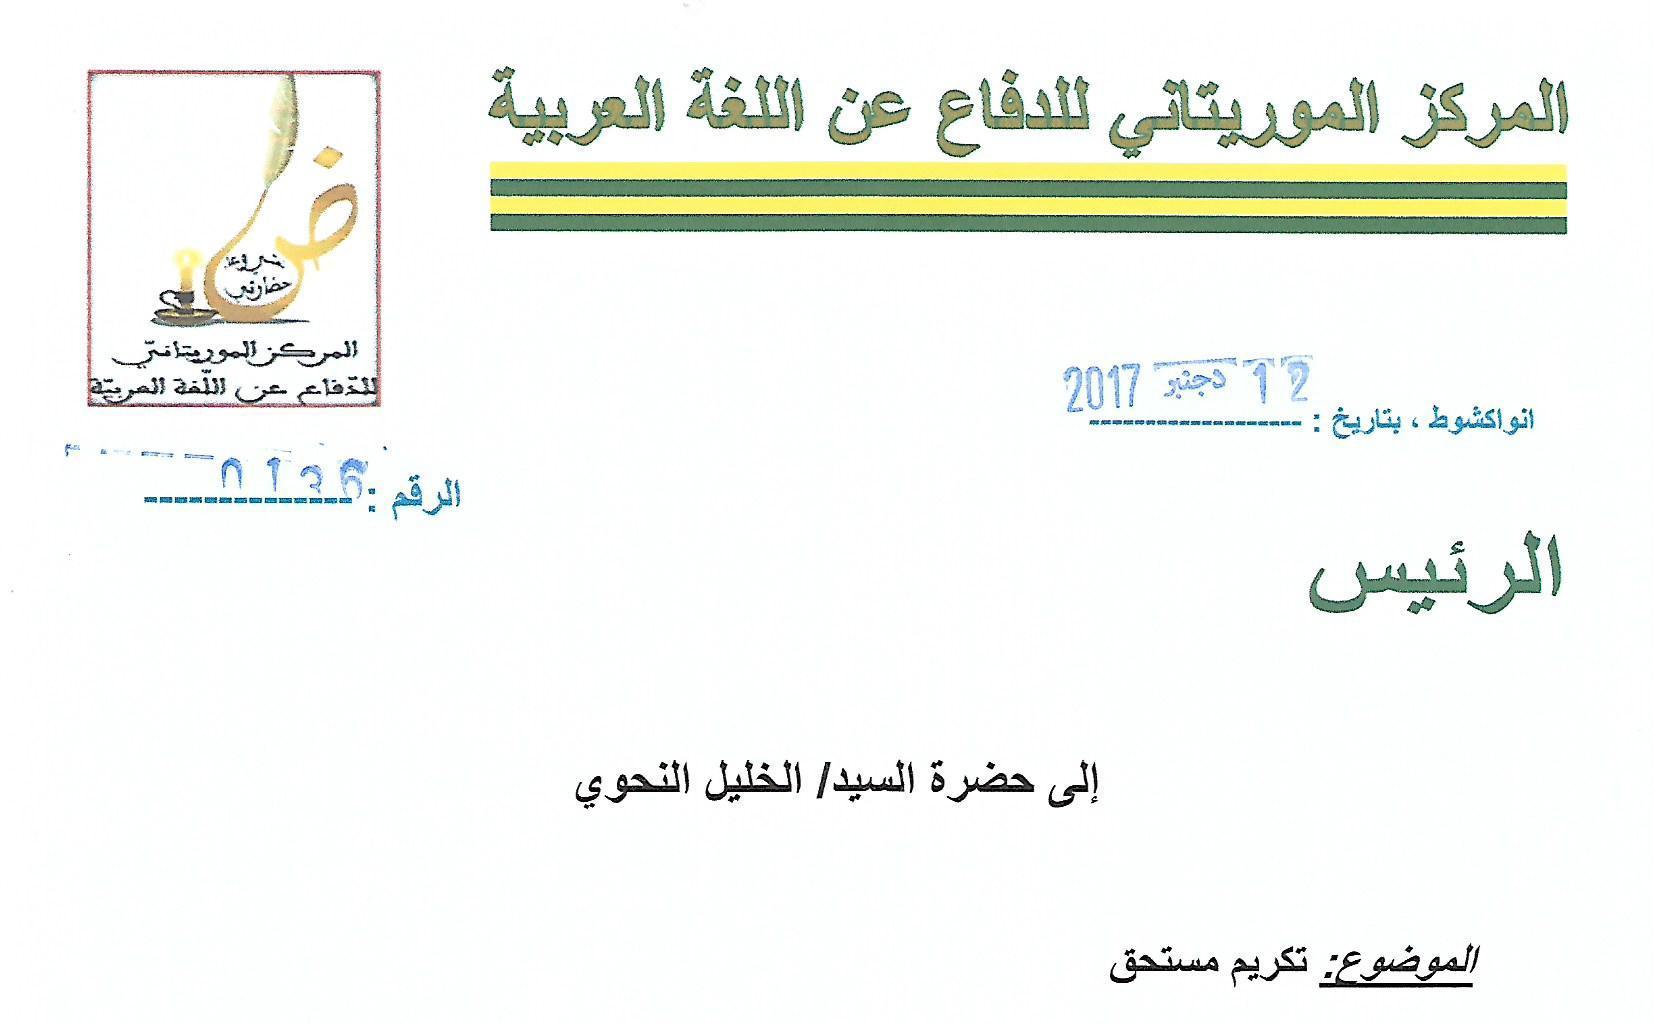 المركز الموريتاني للدفاع عن اللغة العربية يكرم رئيس المجلس الشيخ الخليل النحوي